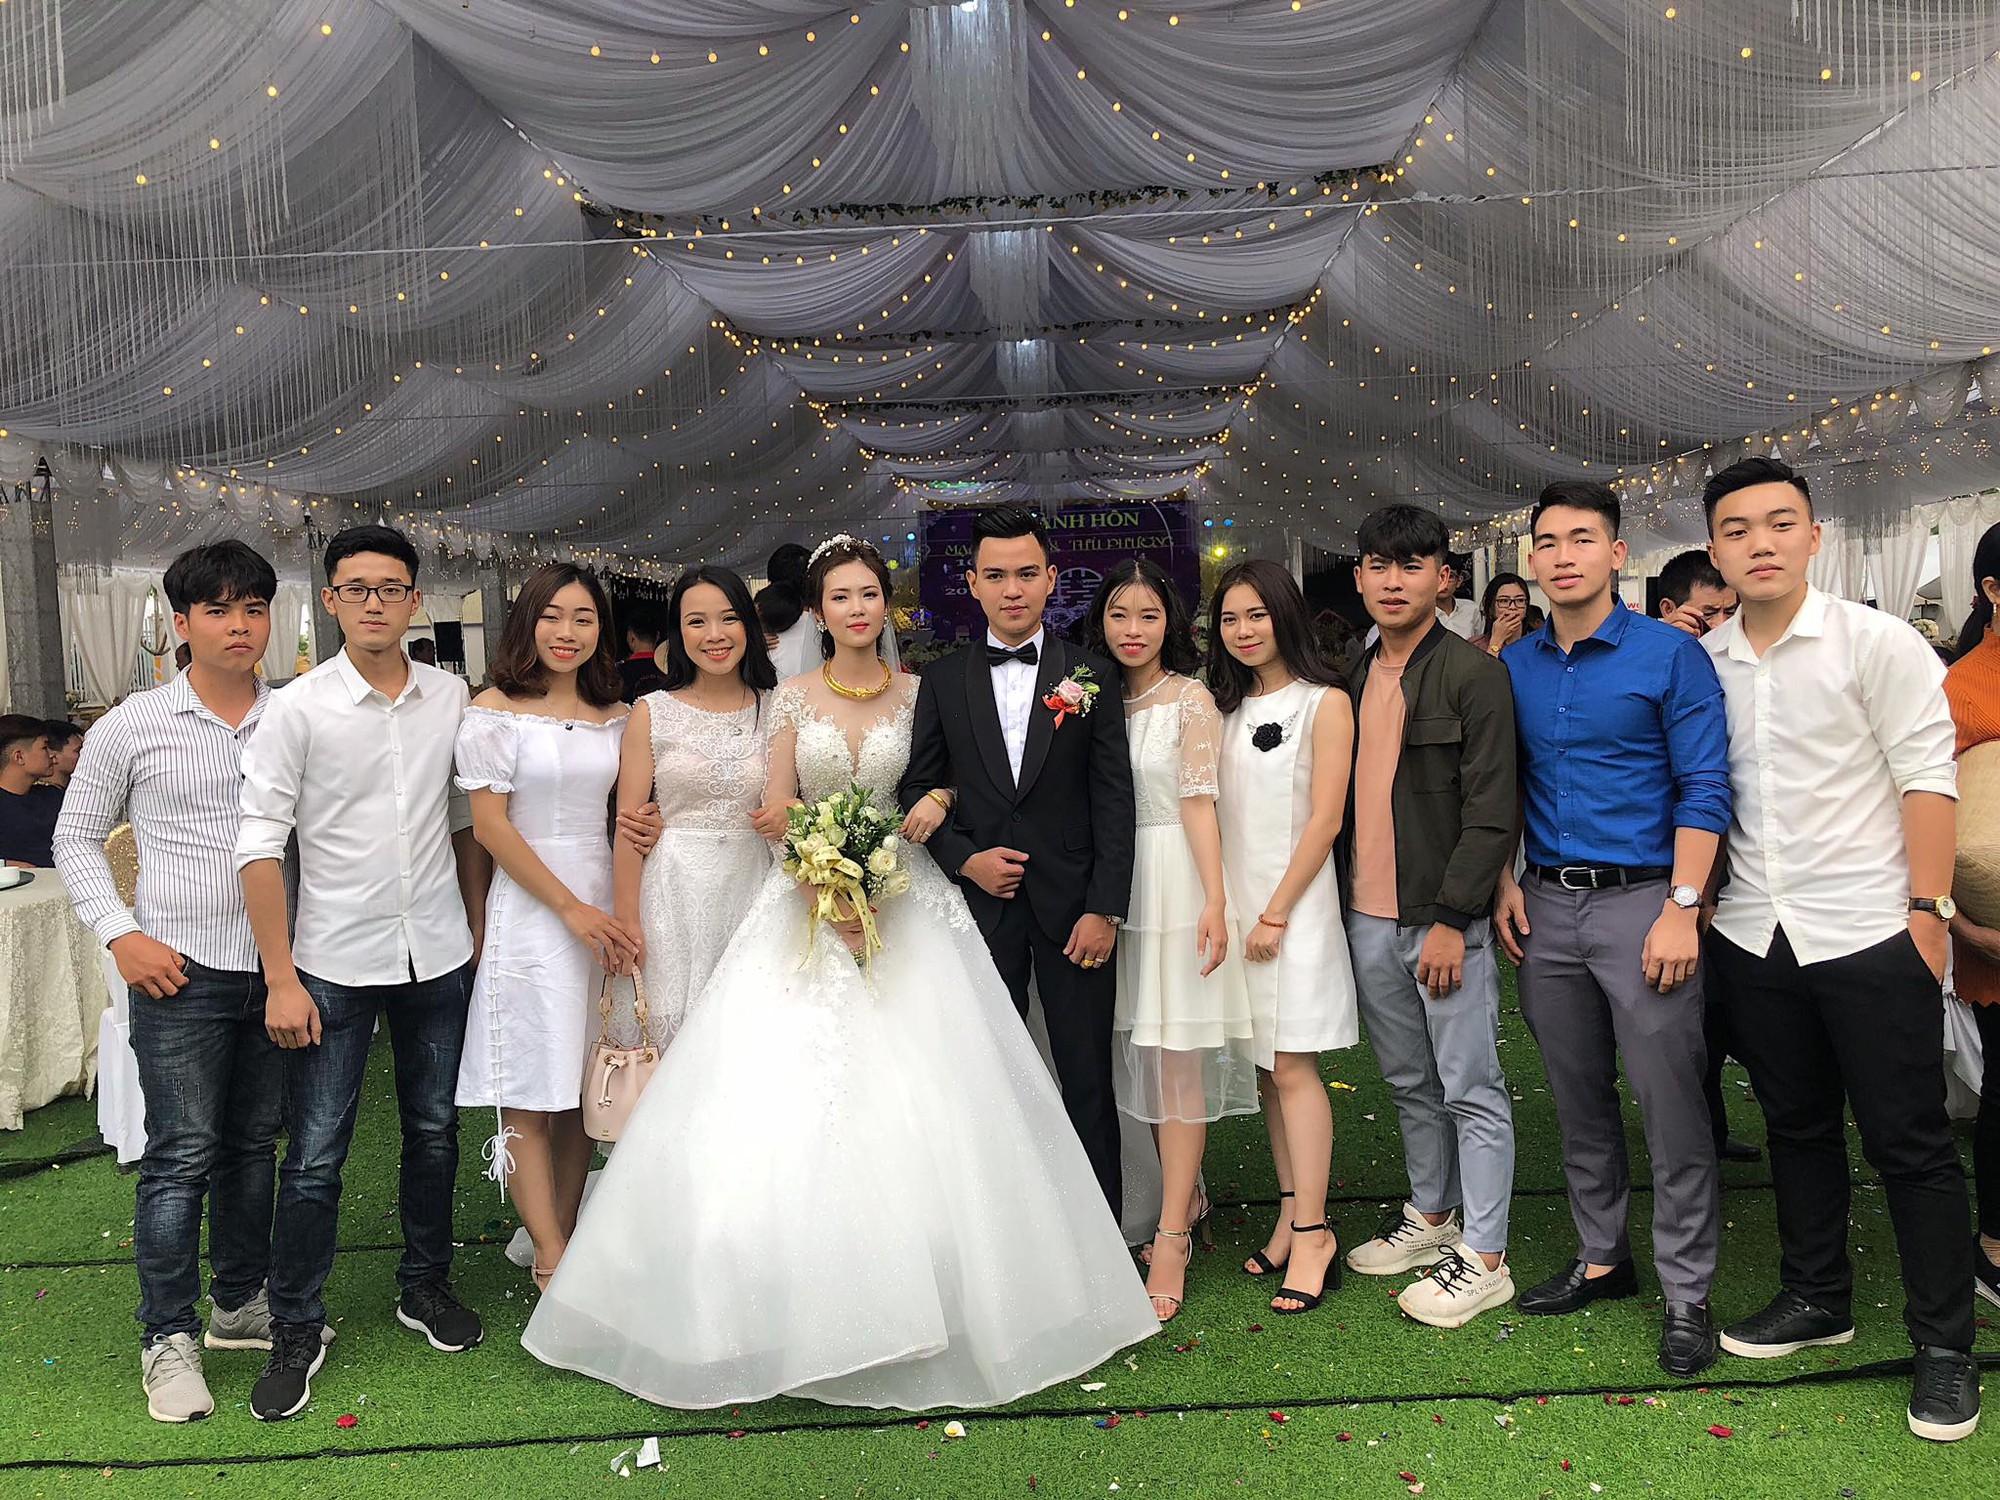 Cô dâu chú rể rạng rỡ trong đám cưới khủng, chi gần 1 tỷ đồng dựng rạp và mời cả ca sĩ Ngọc Sơn về biểu diễn - Ảnh 1.